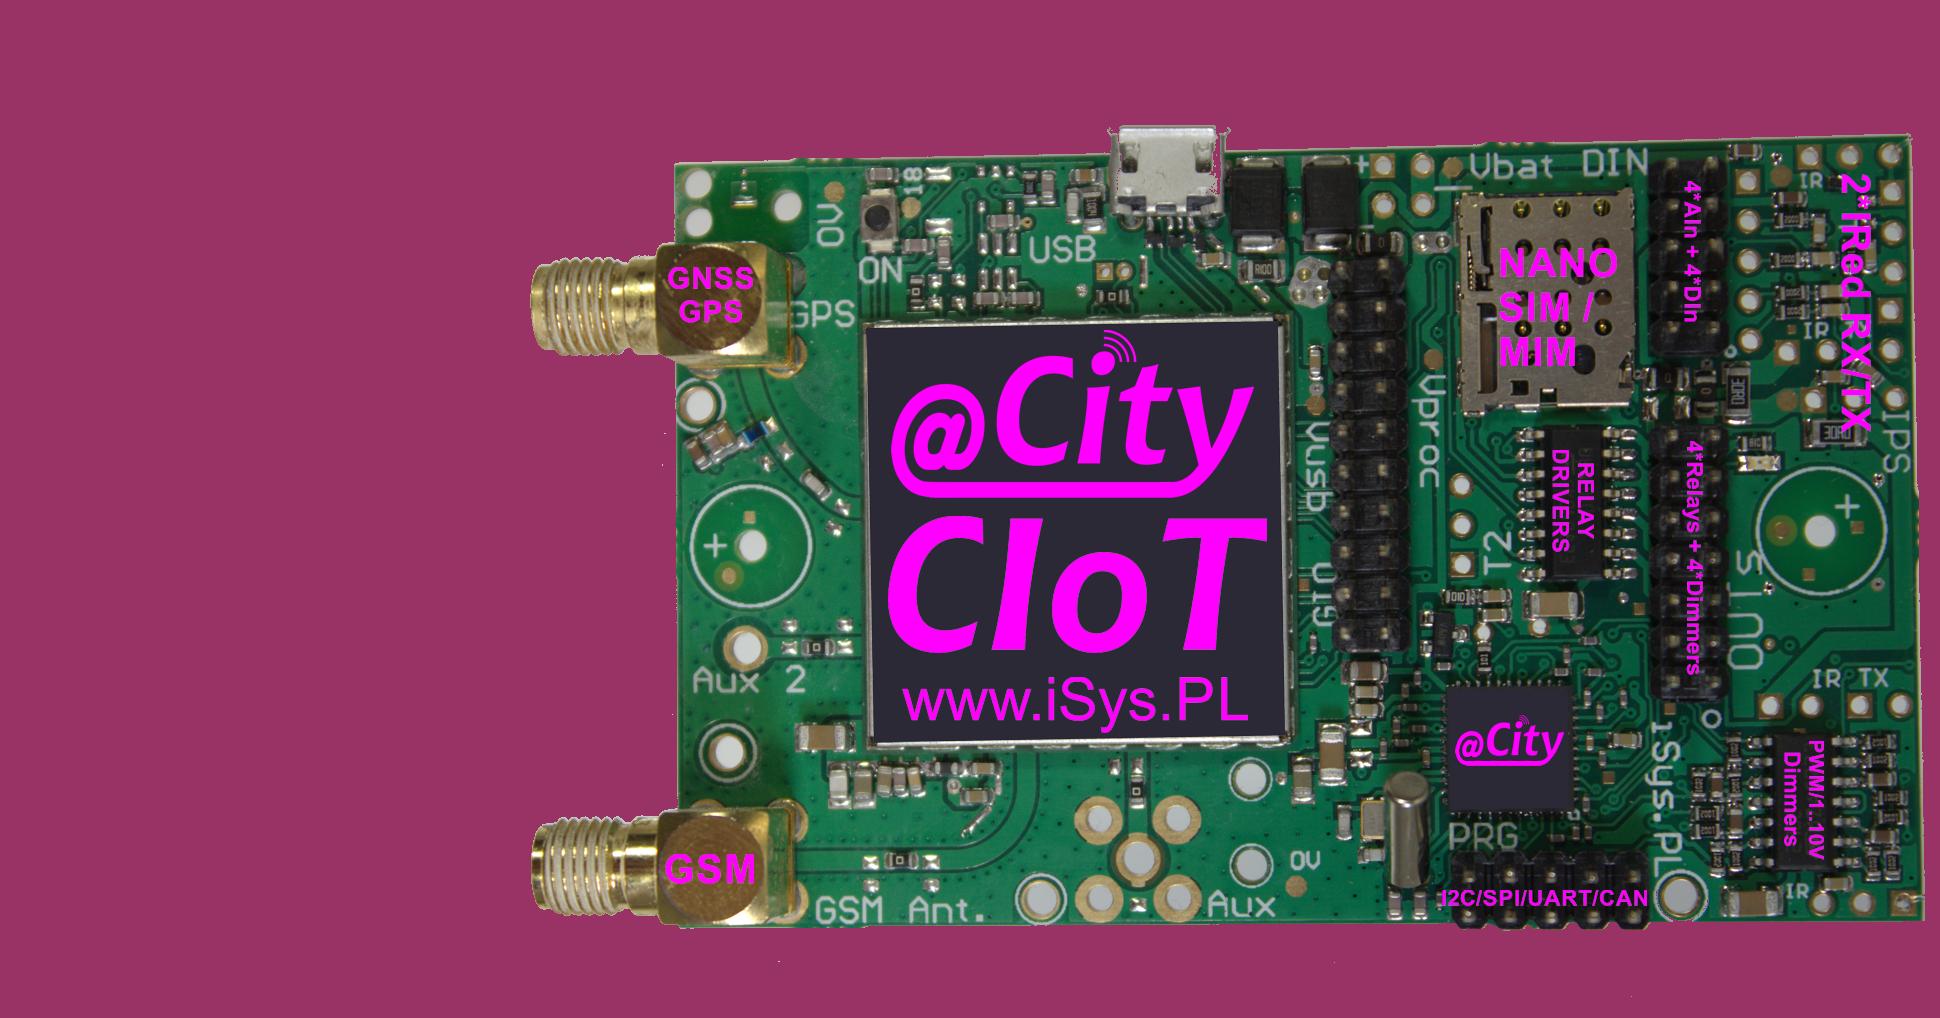 IoT / IIoT, Smart City, Smart Lighting LoRaWAN